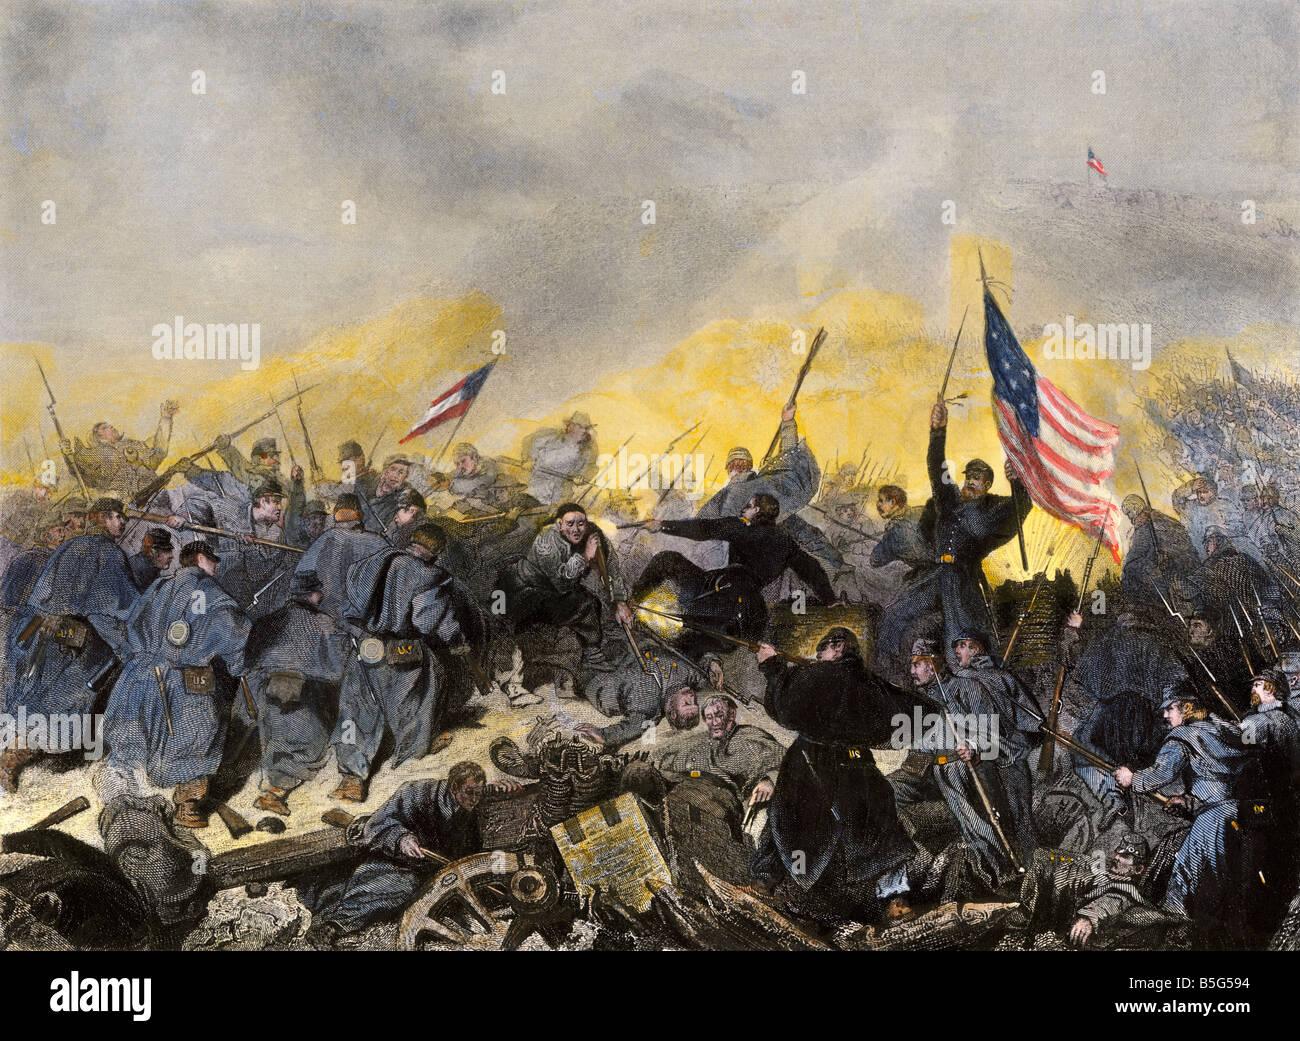 Capture du Fort Donelson Tennessee par les forces de l'Union en vertu de la subvention des États-Unis 1862 Photo Stock